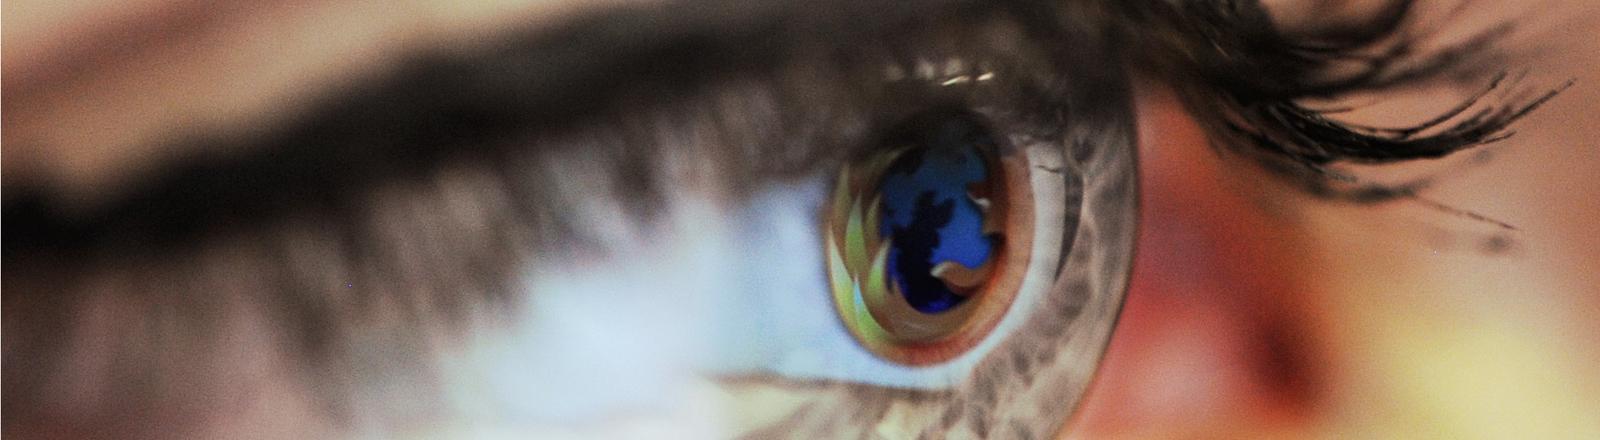 In der Kritik: Auch Firefox überwacht seine Nutzer